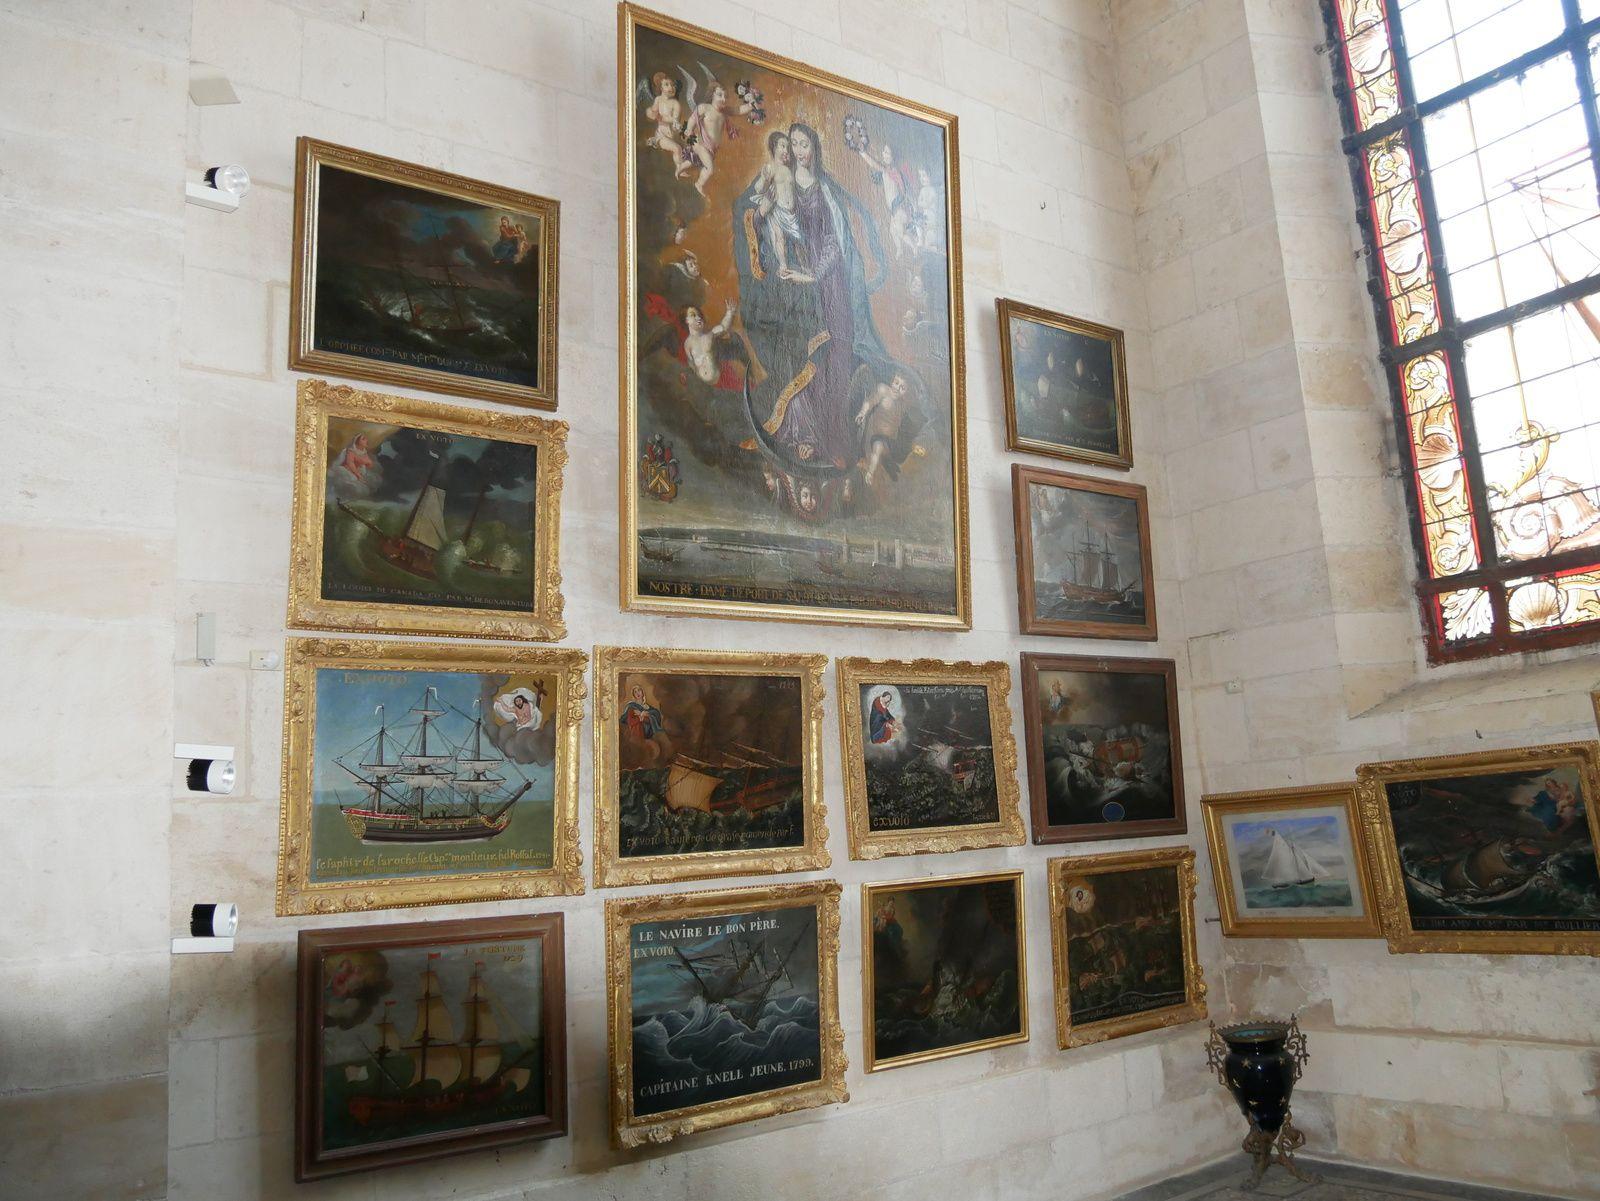 Les ex-votos de La Rochelle (cathédrale Saint-Louis)